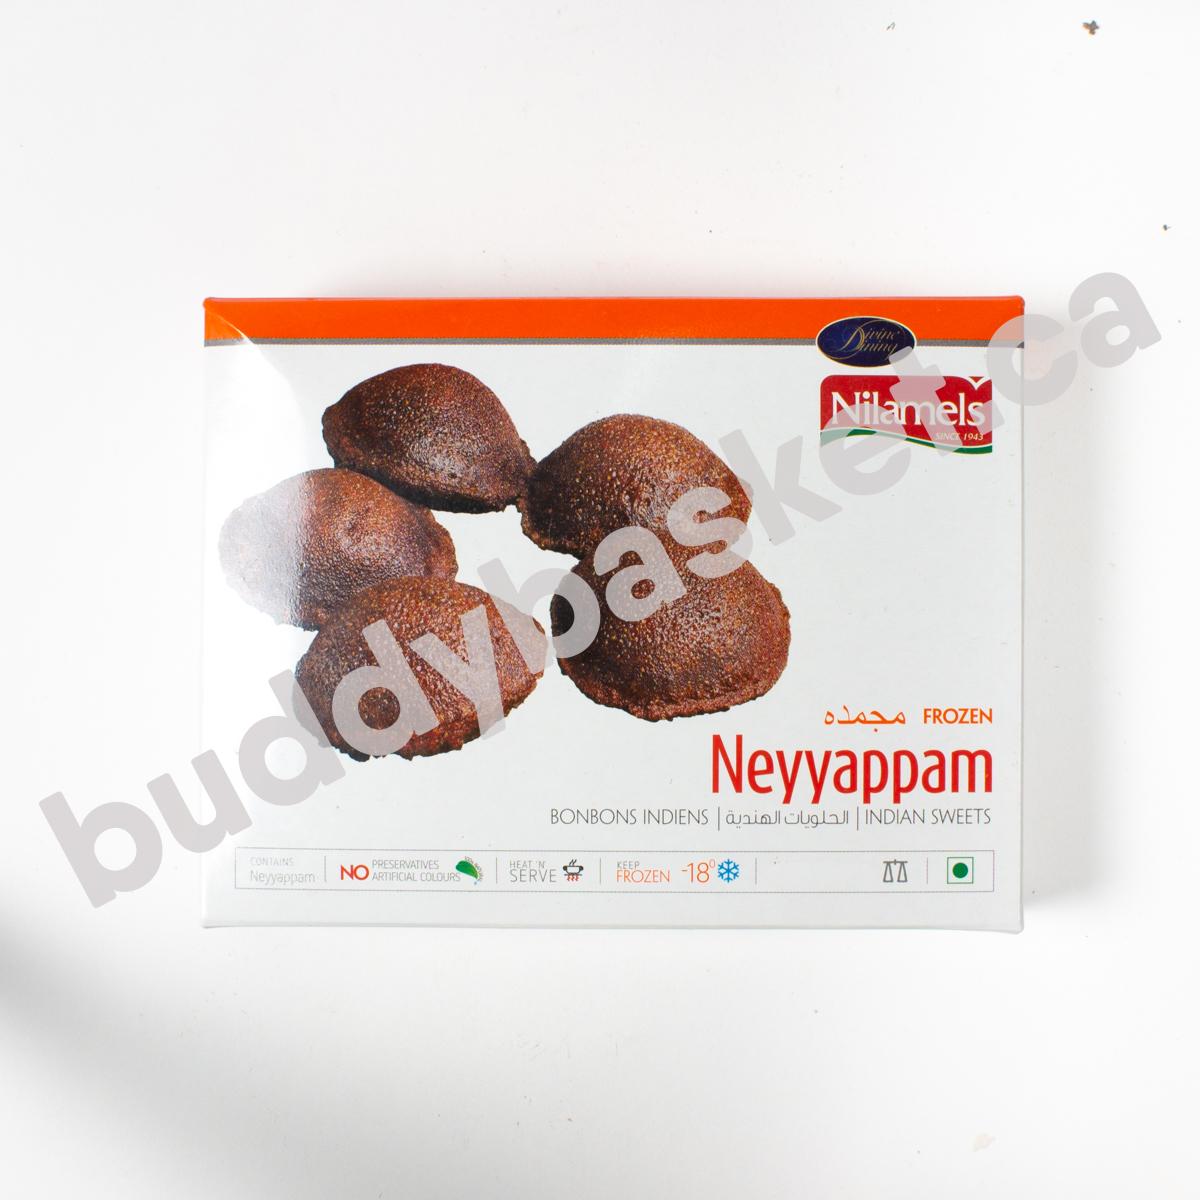 Nilamels Neyyappam 350g